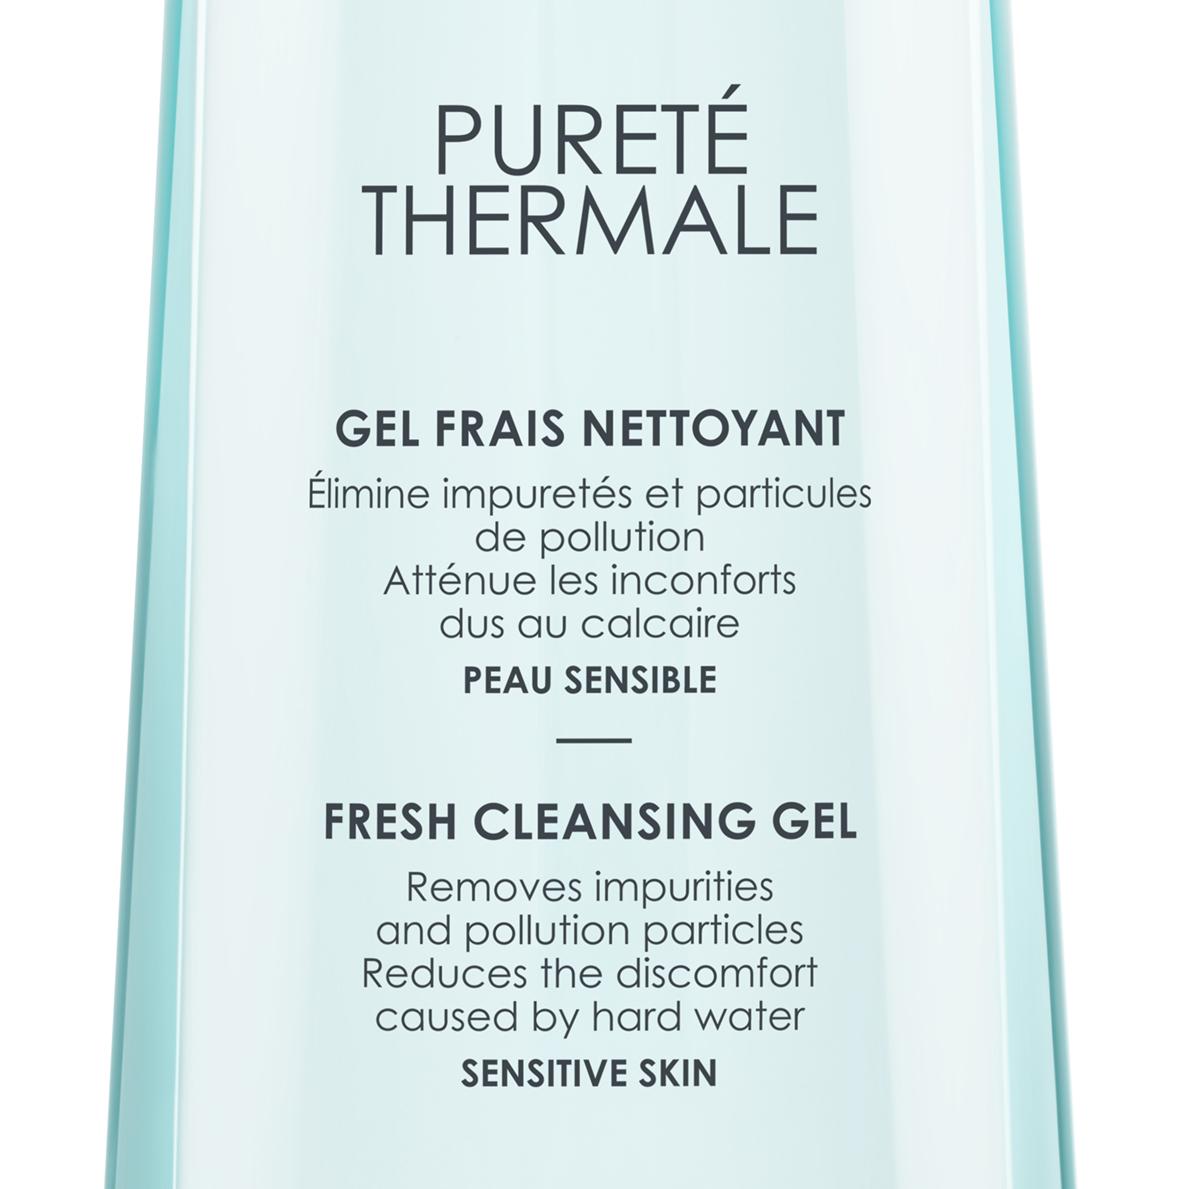 Fresh cleansing gel